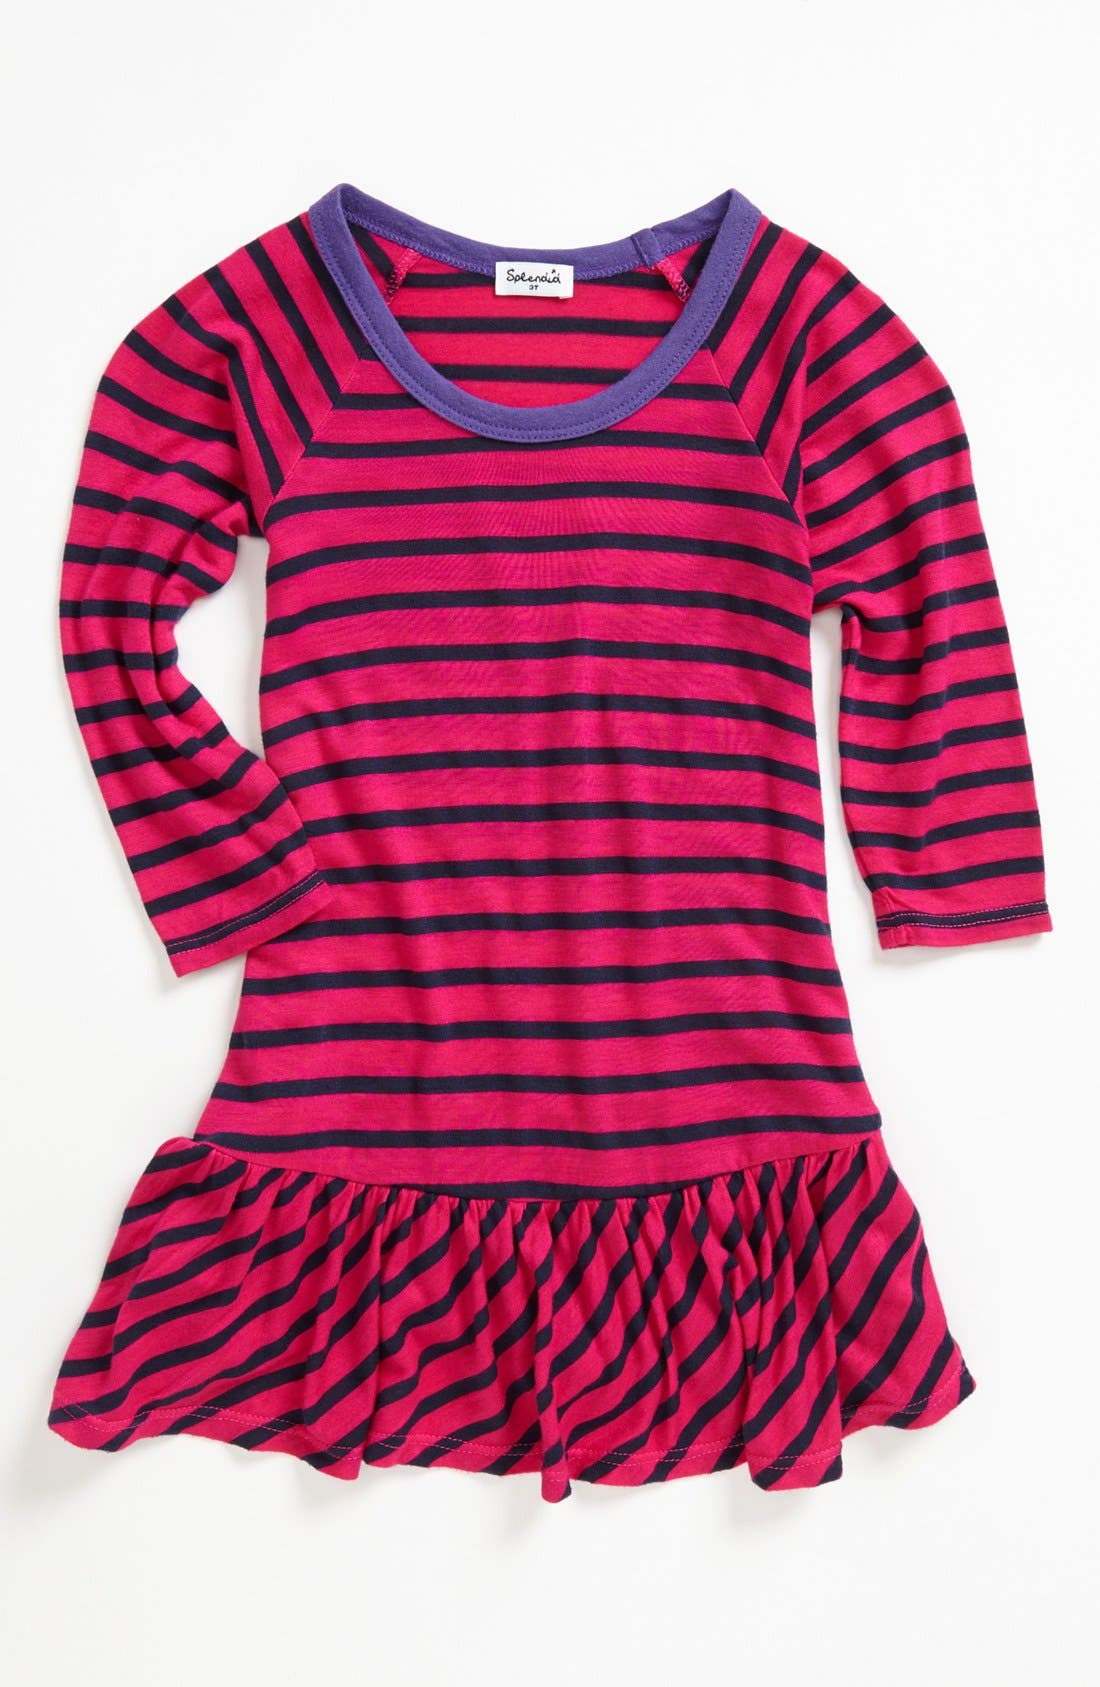 Main Image - Splendid Drop Waist Dress (Toddler Girls) (Online Only)